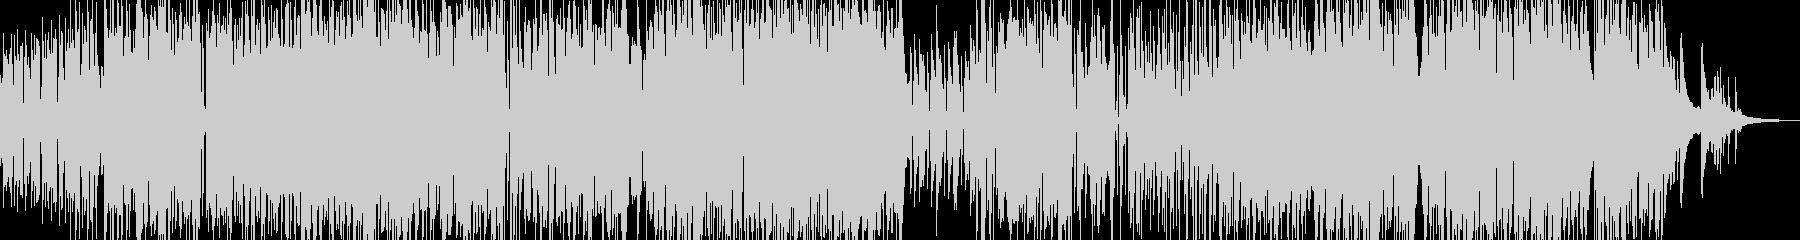 木管とピアノ・可憐なスロージャズ Aの未再生の波形